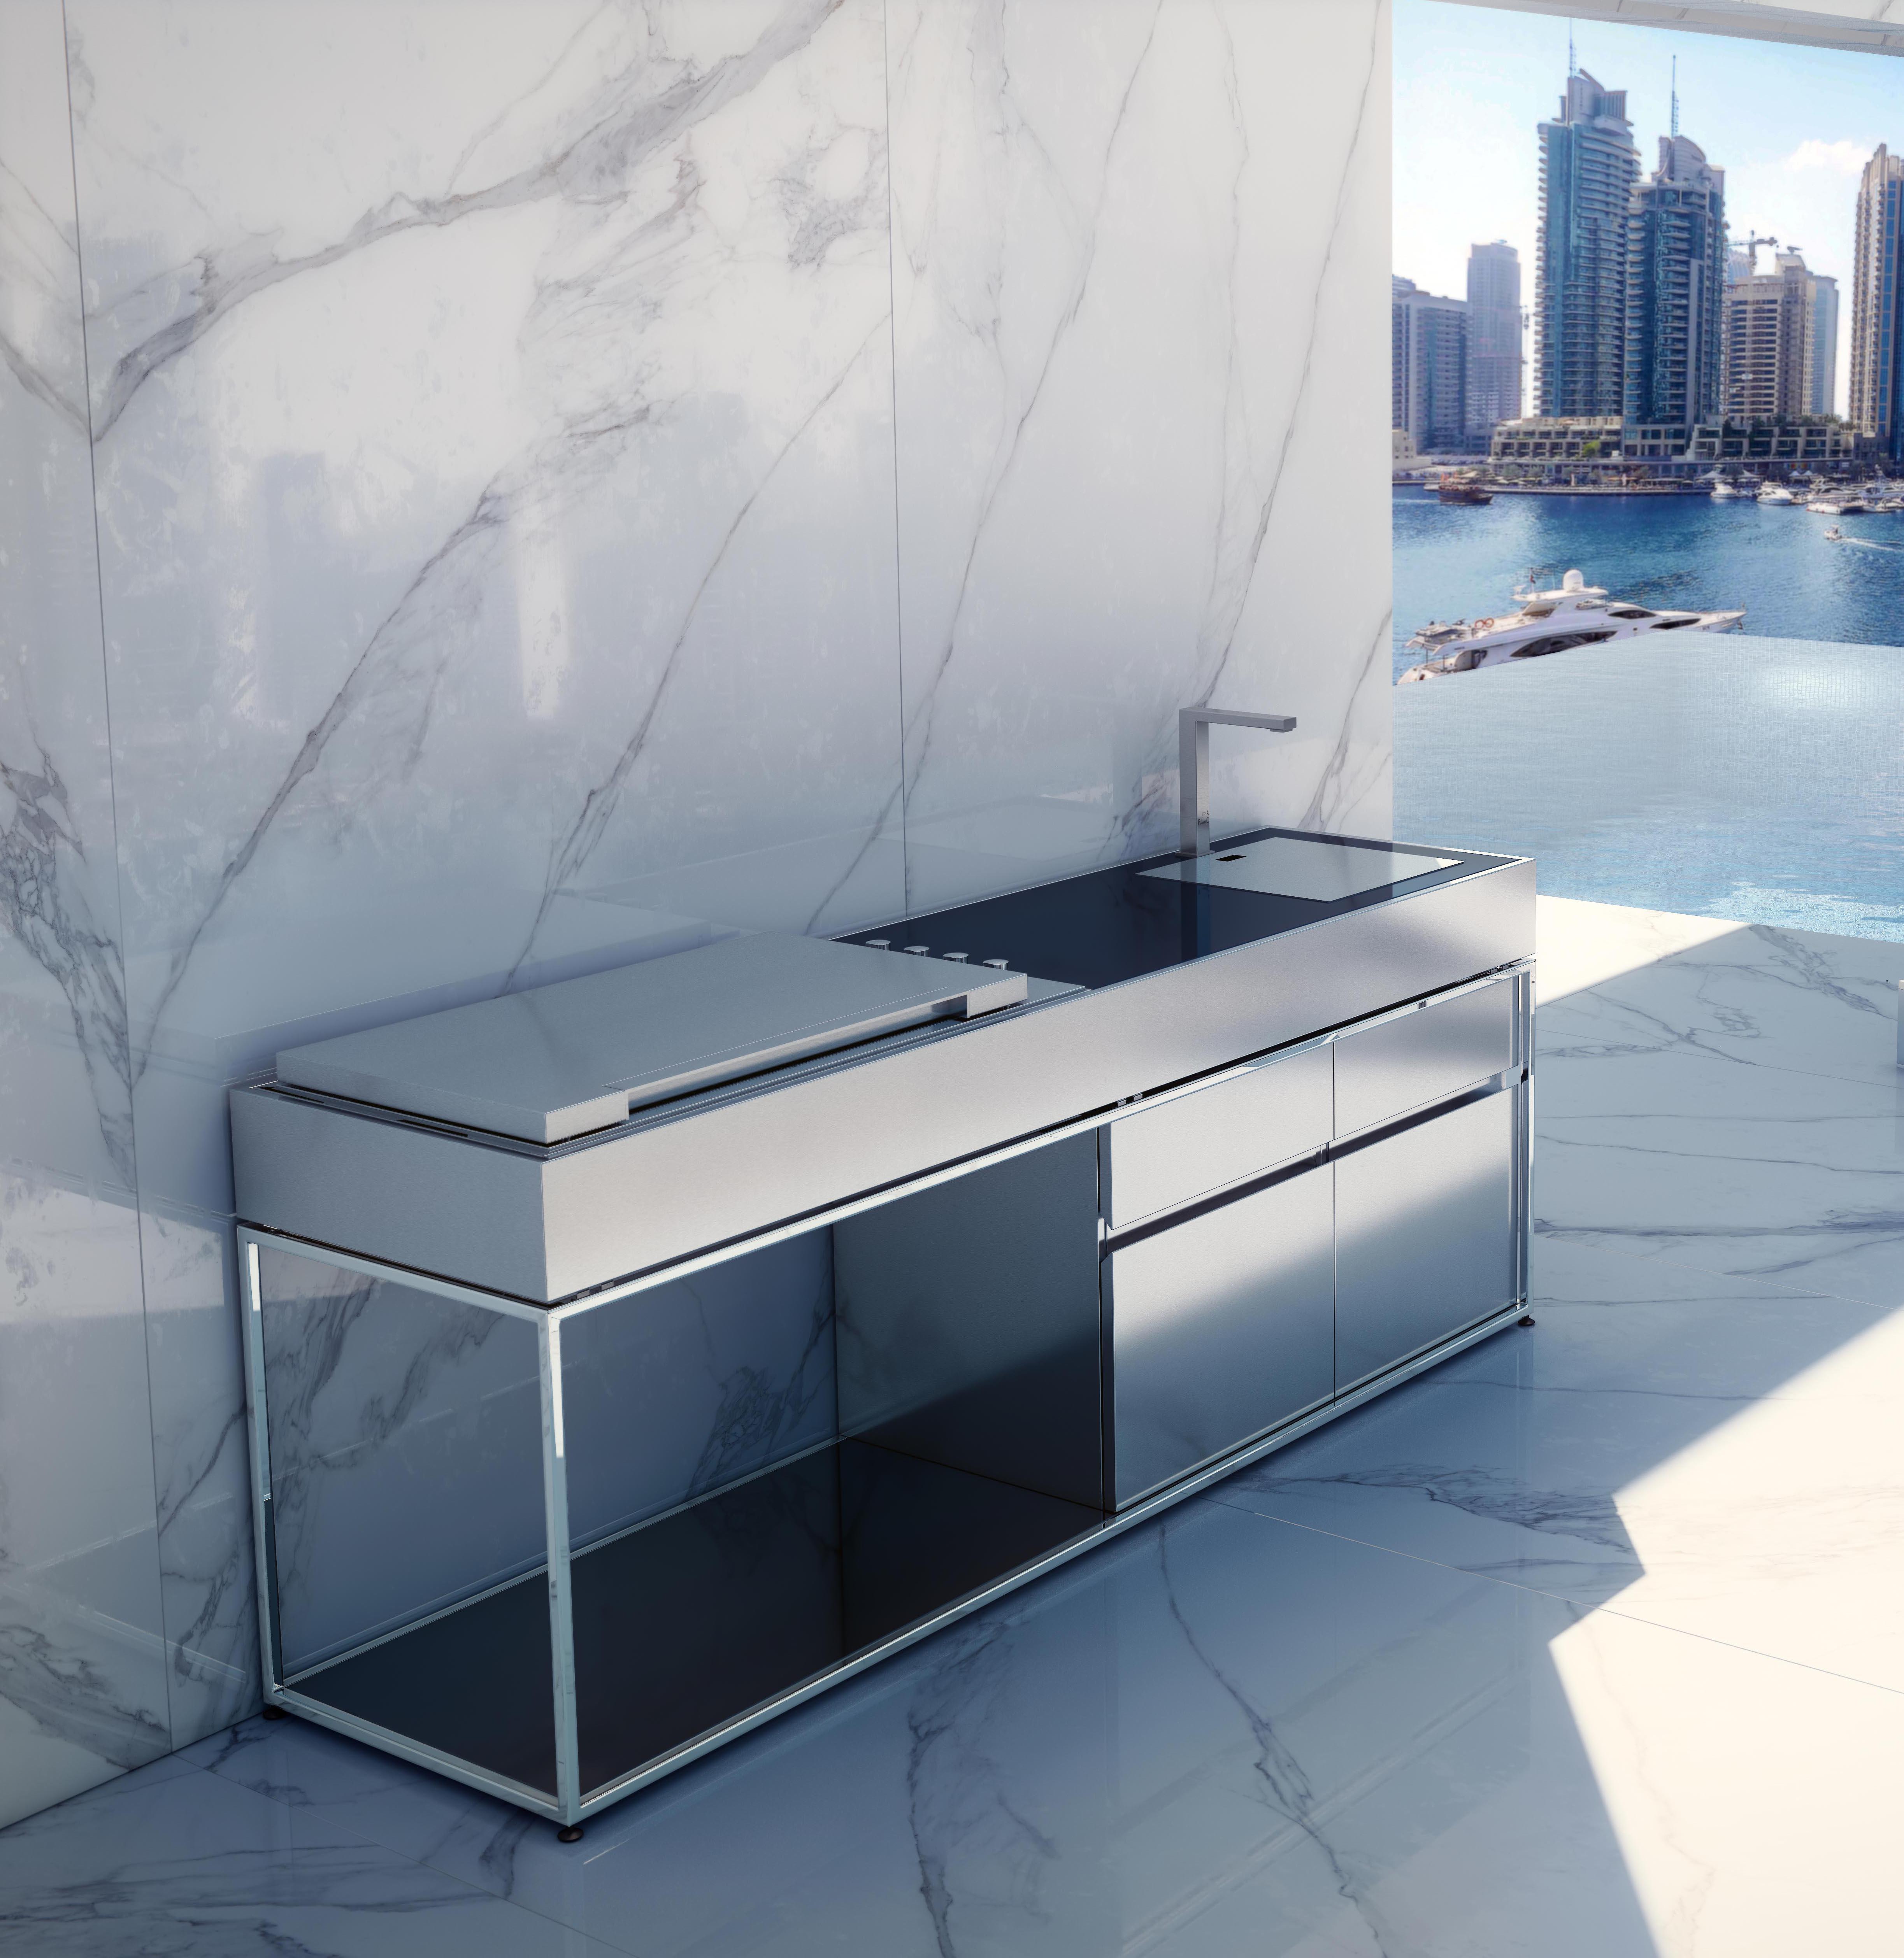 Sleek Ideas For Kitchen Design With Islands: Sleek Kitchen Island BBQ Gas Grill